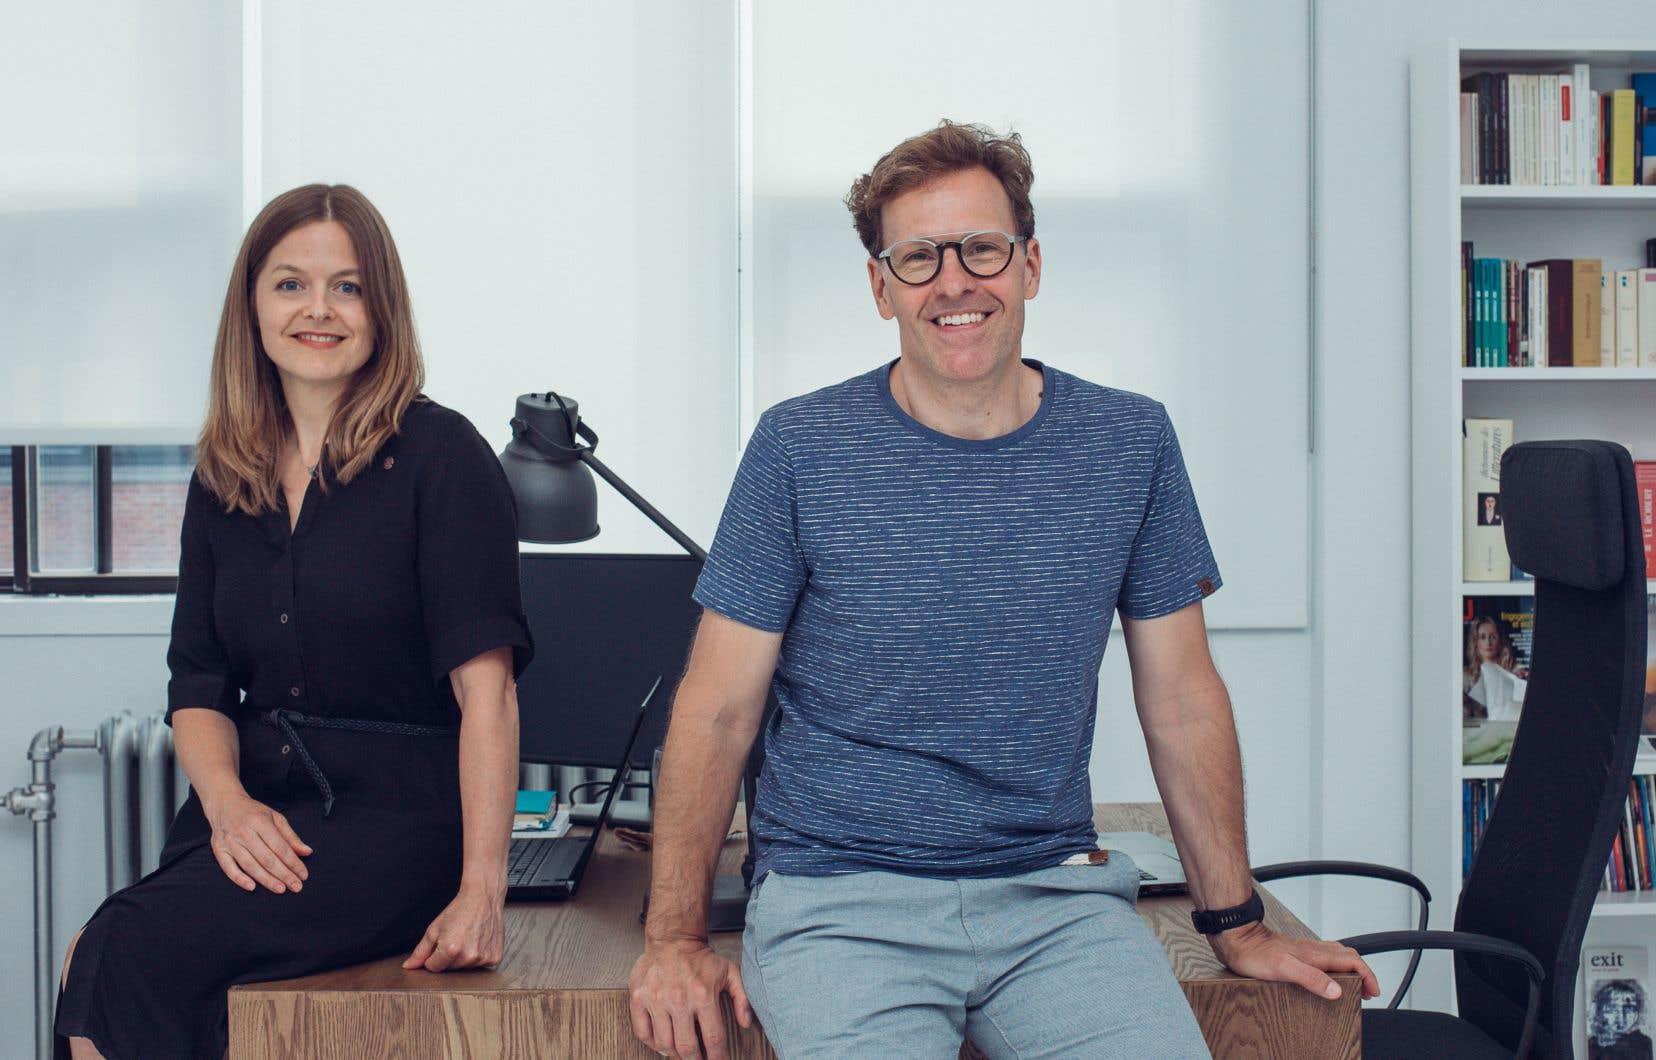 Corinne Chevarier et Stéphane Despatie dans les locaux de leur nouvelle maison d'édition